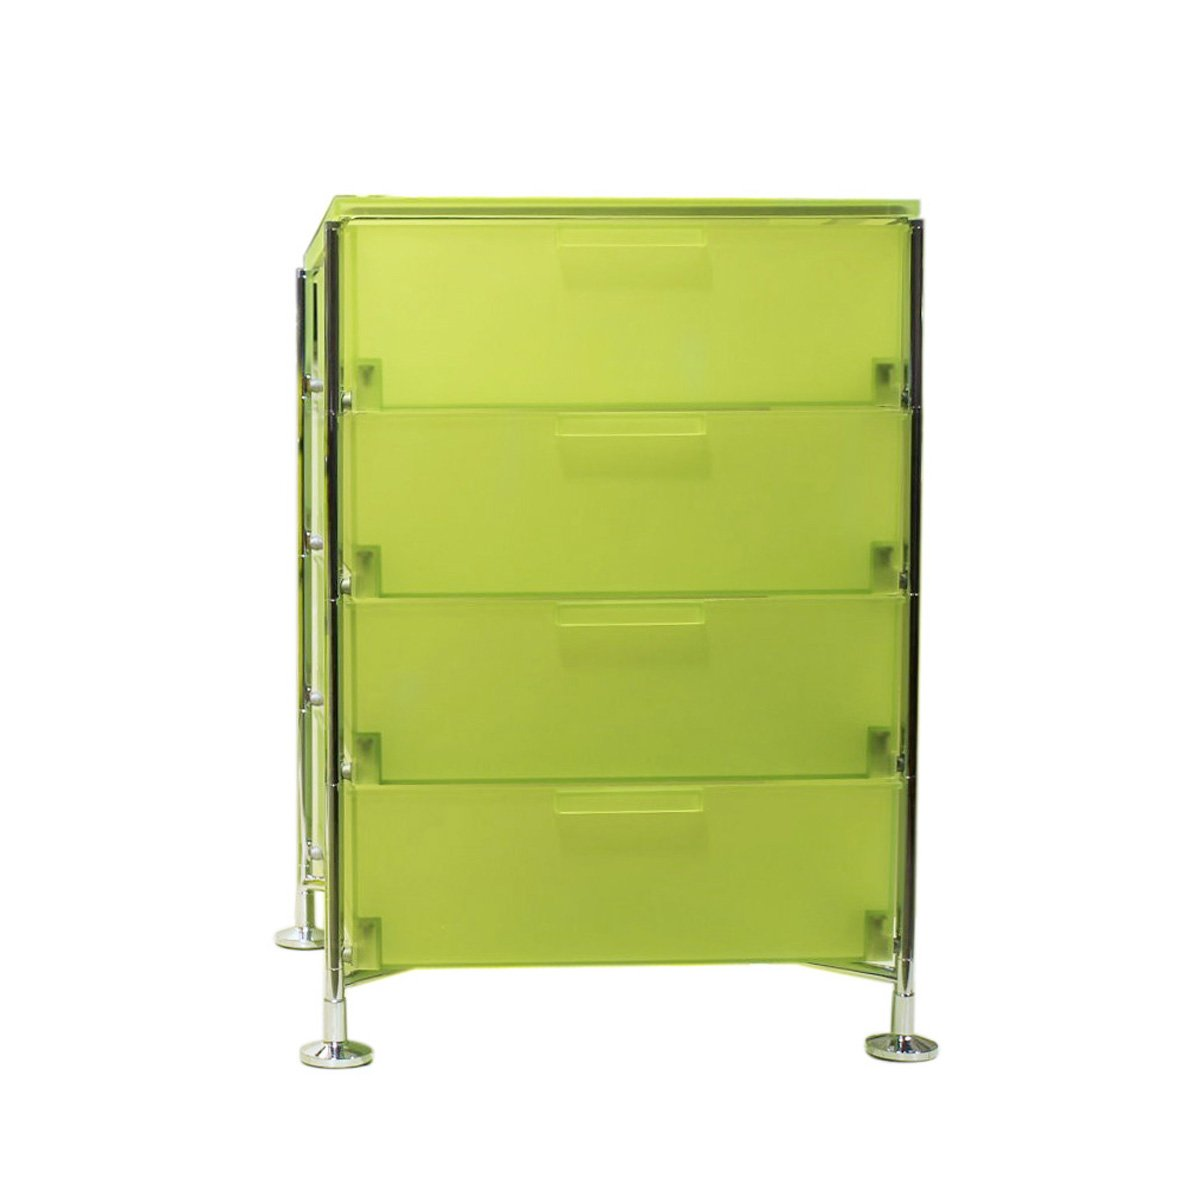 Kartell 2025L3 Container Mobil, 4 Schubladen, zitronengelb